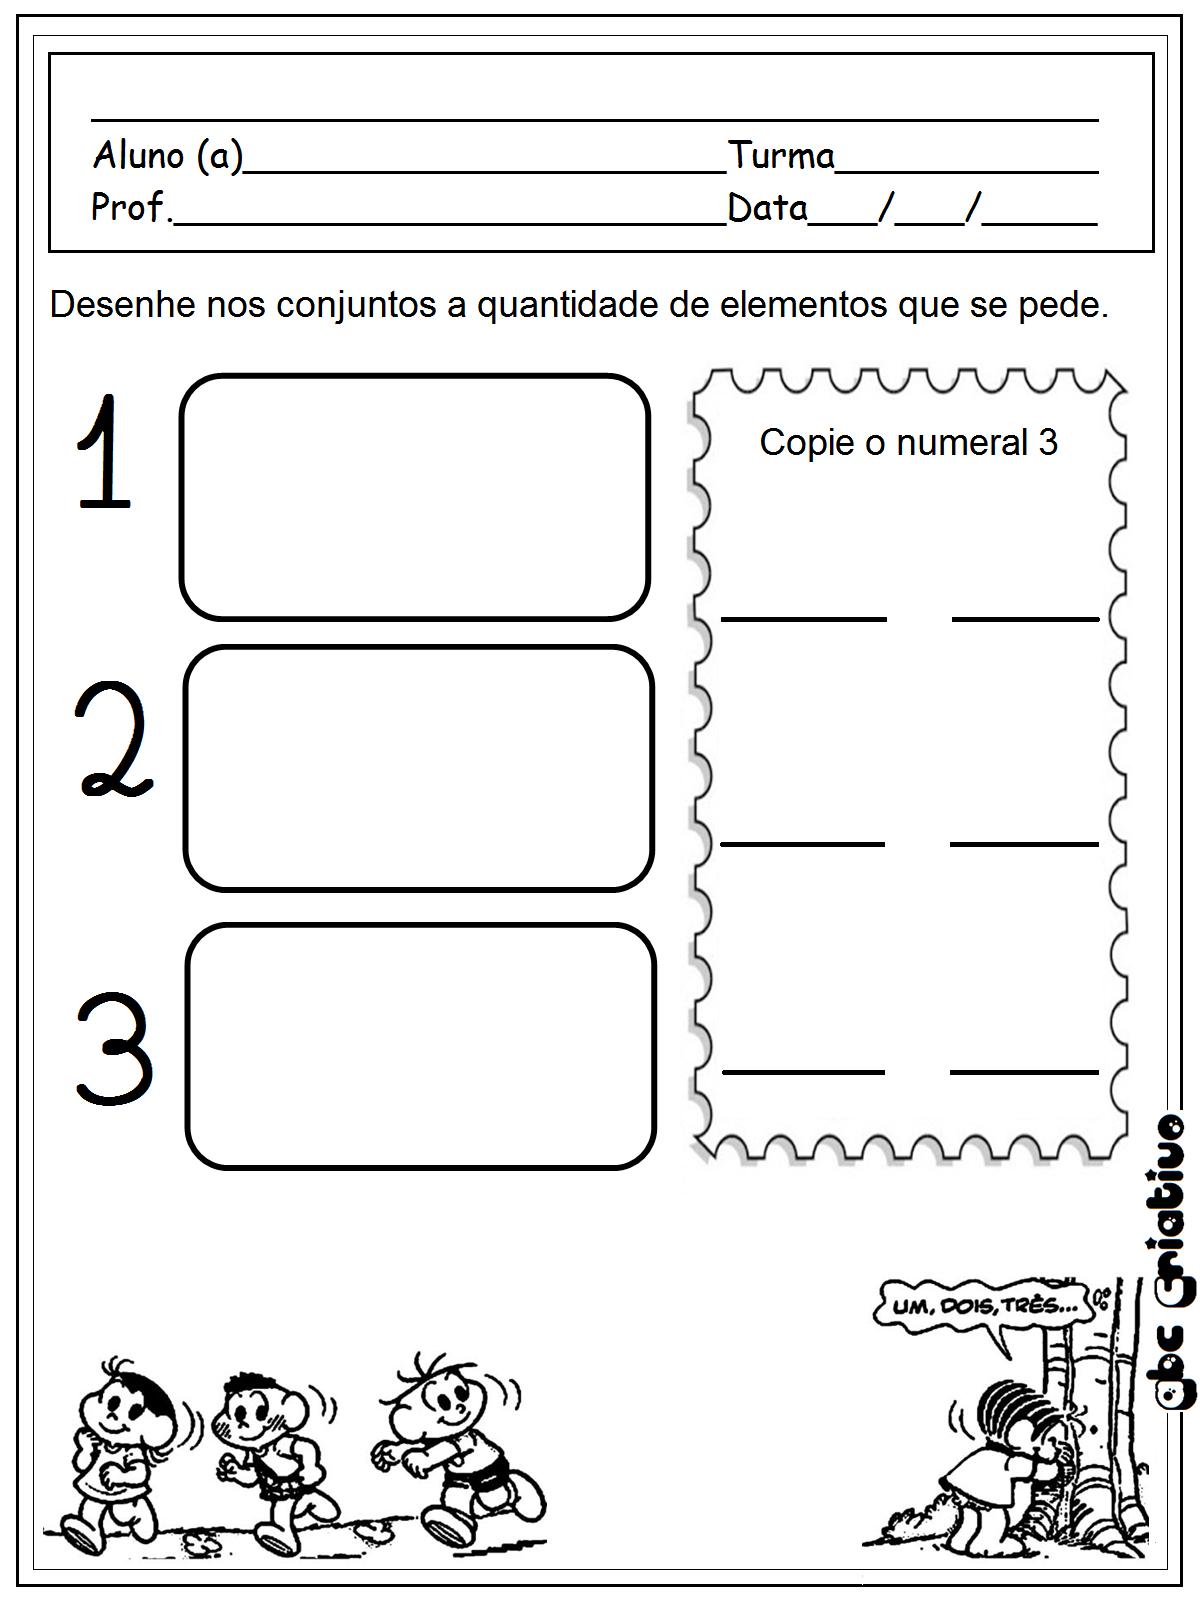 Super ATIVIDADES DE EDUCAÇÃO INFANTIL E MUSICALIZAÇÃO INFANTIL  KD62